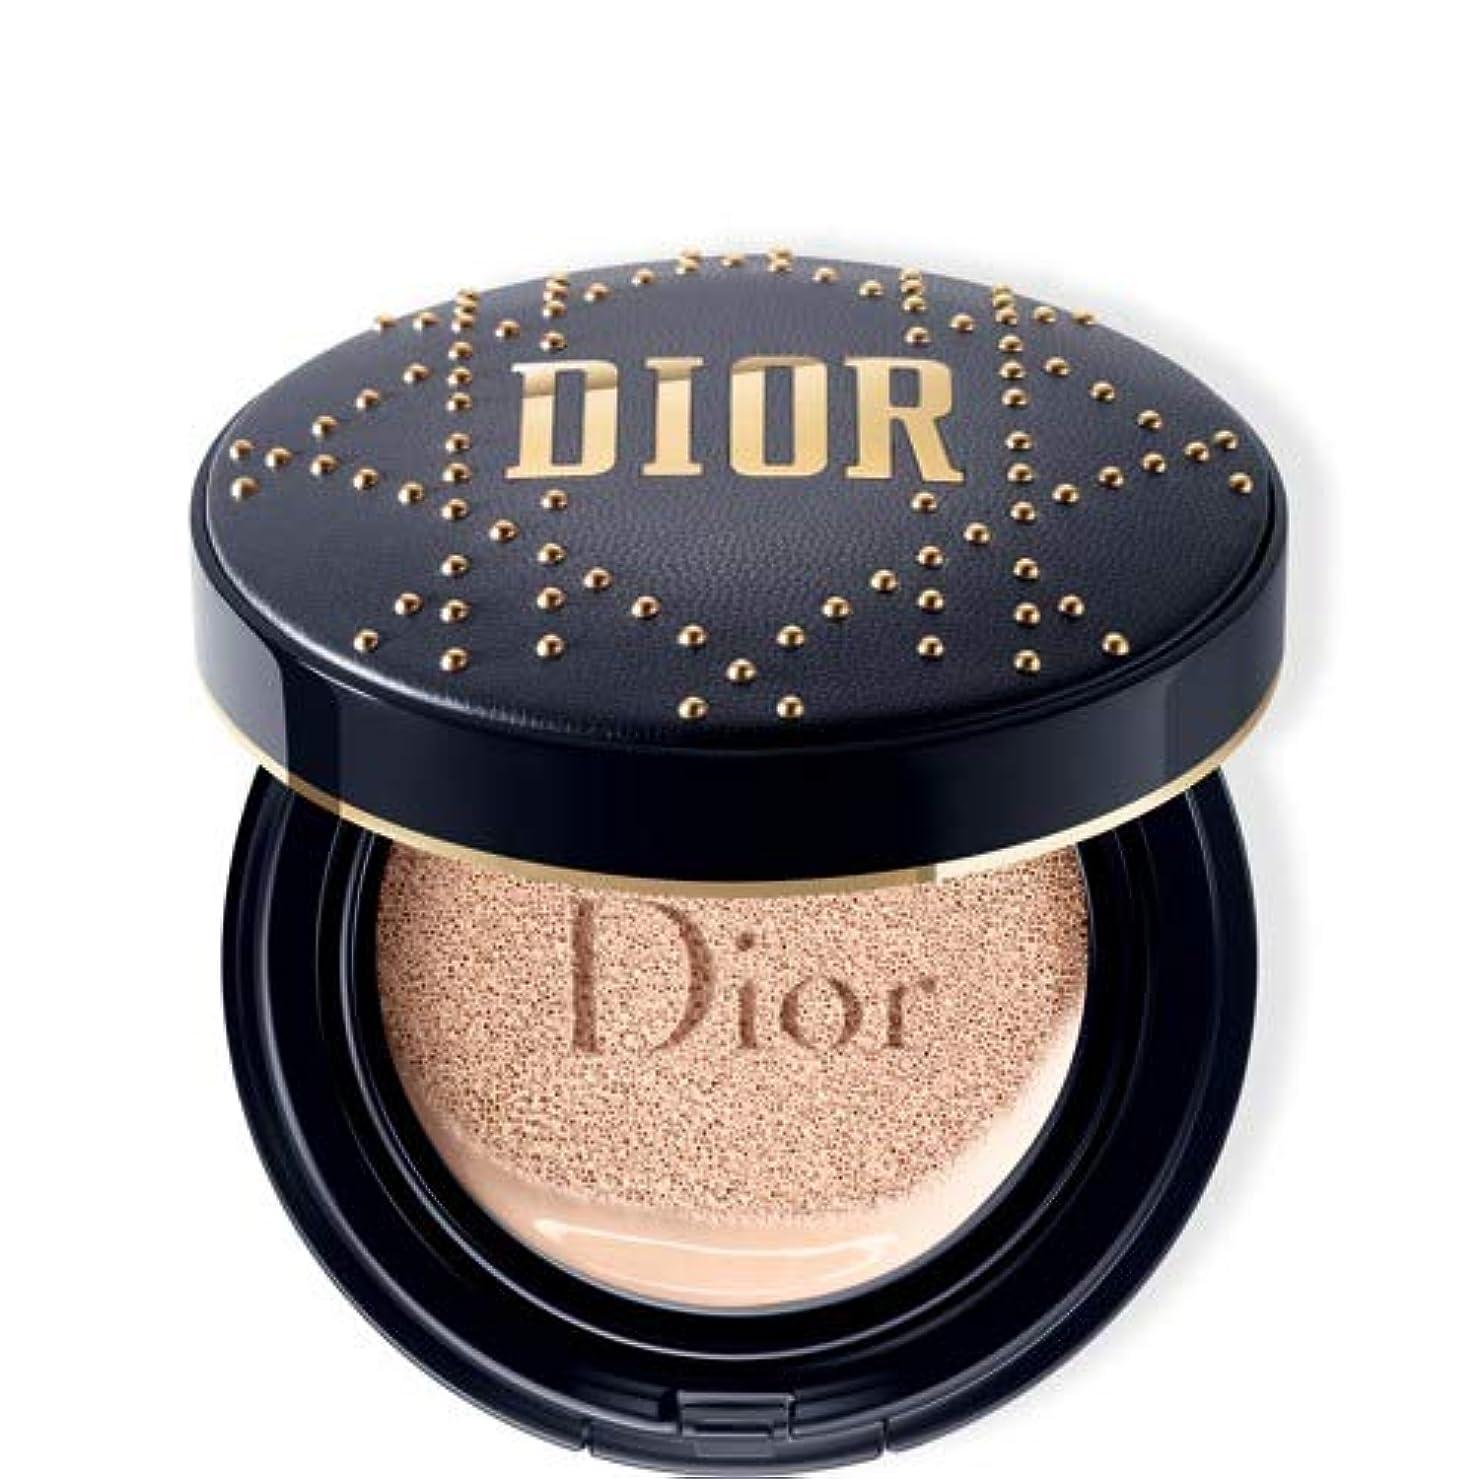 ピック適度に推論Dior ディオールスキン フォーエヴァー クッション - 限定スタッズ カナージュ ケース #030